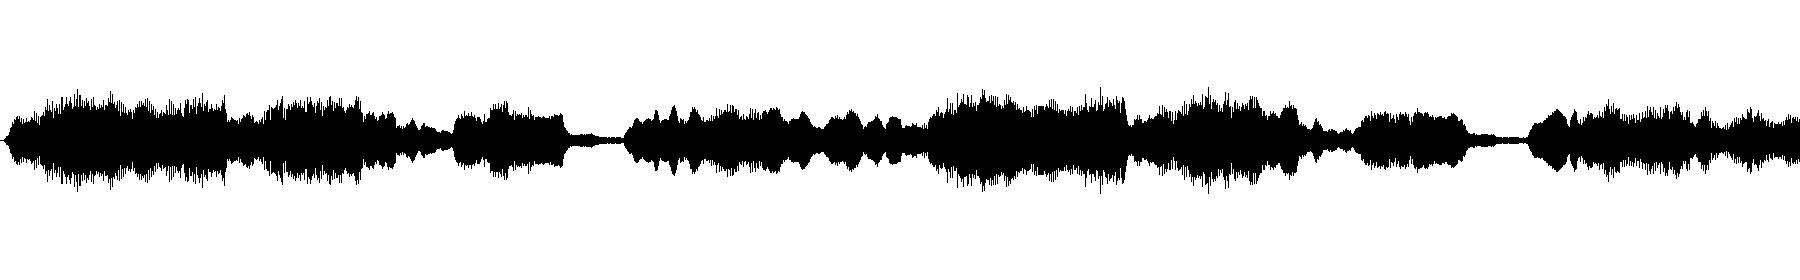 pattern 1 220   loop 2